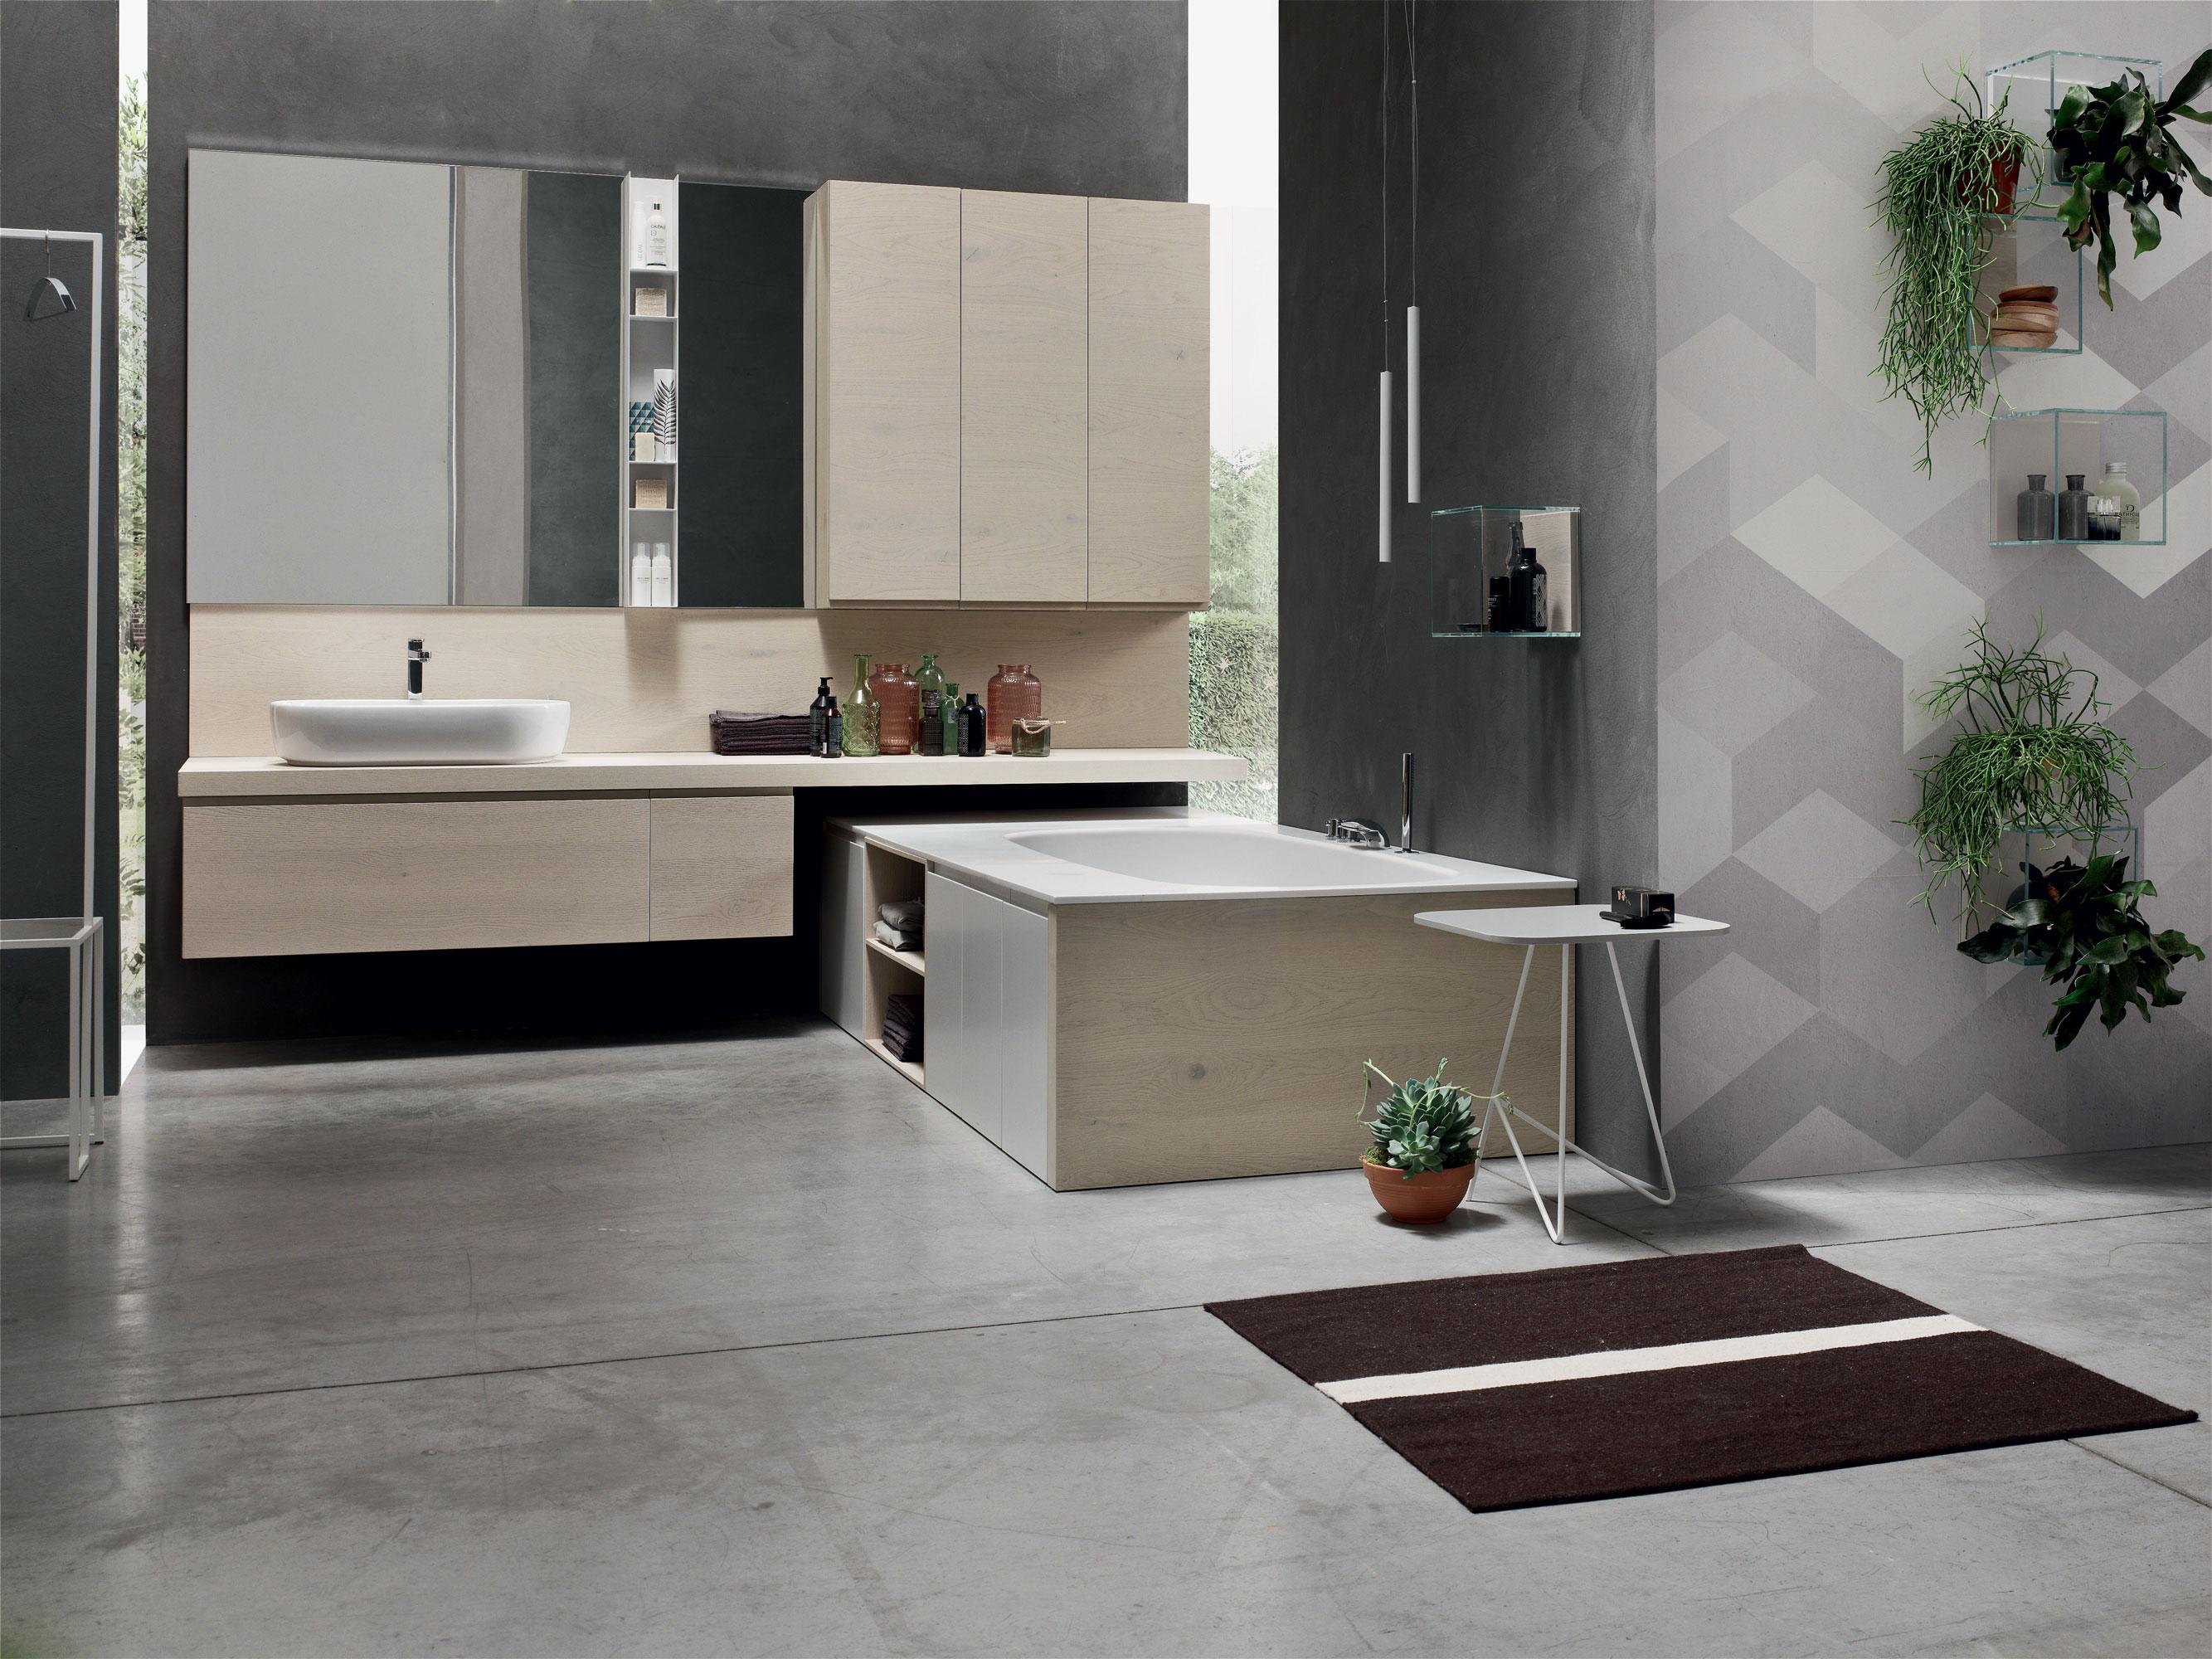 Arredo bagno arcom sceglie il legno e lo stile nordico - Arredo bagno piacenza e provincia ...